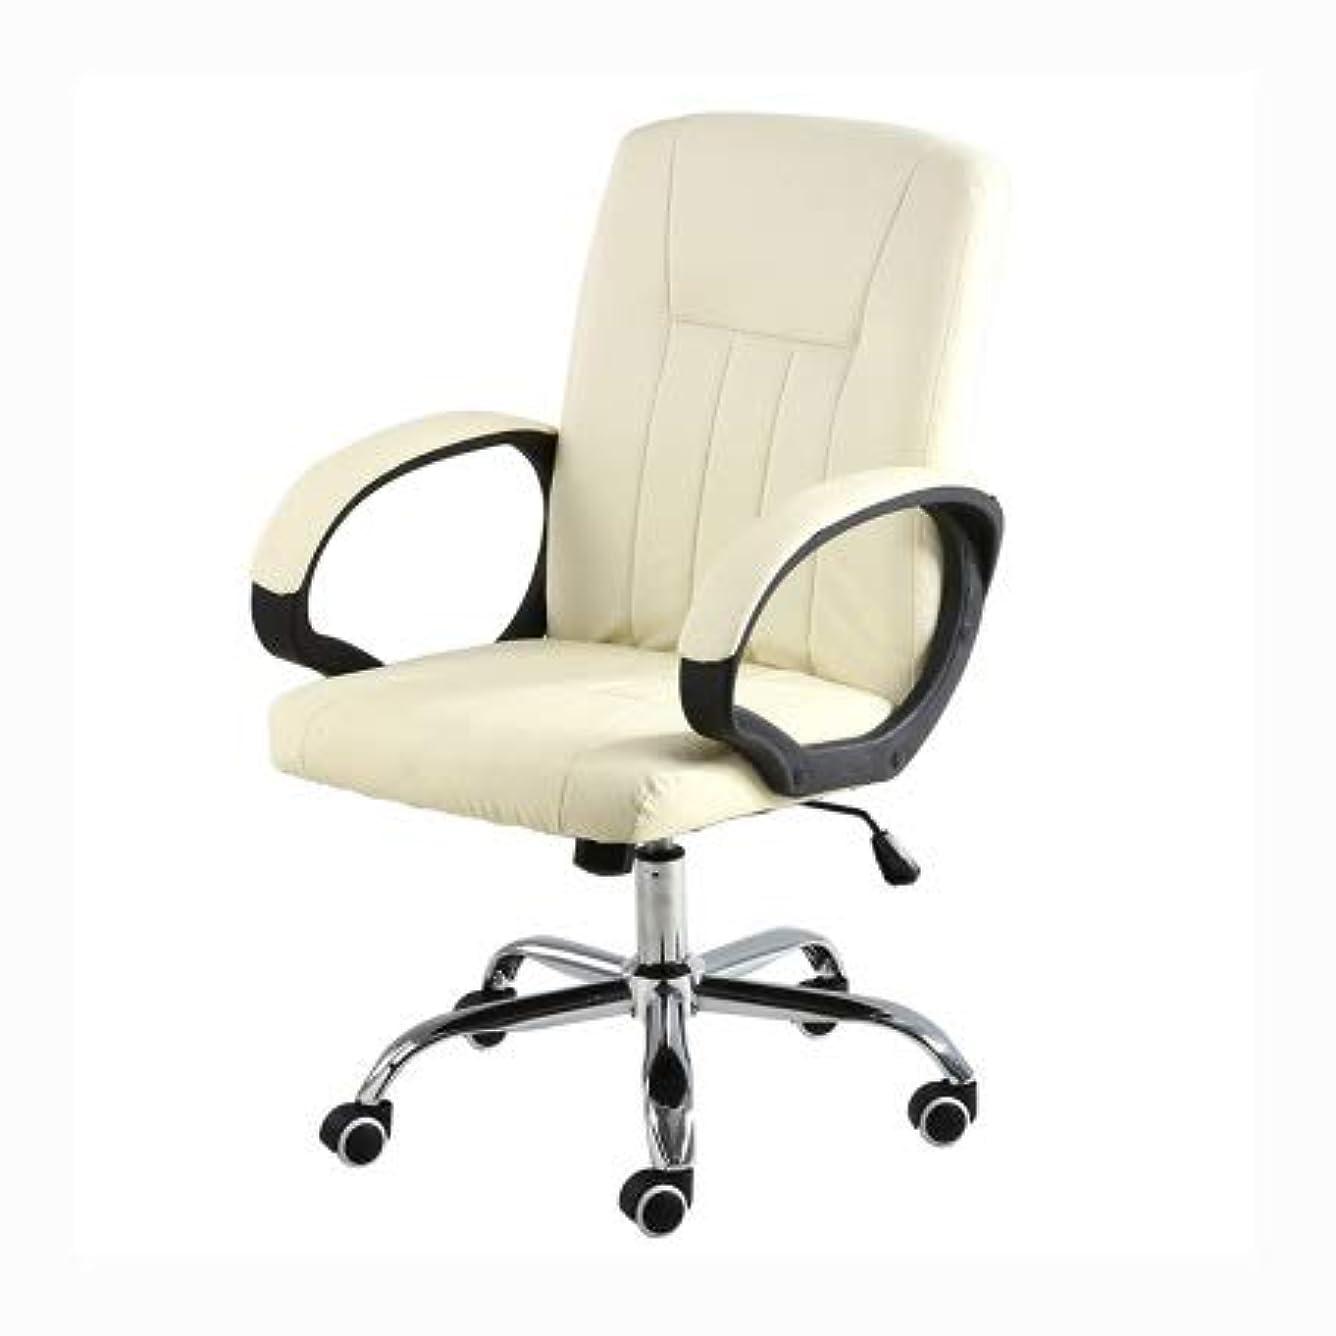 ご飯建設薬剤師デスクチェア オフィスチェアリフトスイベルチェアコンピュータチェアライブチェアホームオフィスチェアスタッフチェア現代のミニマリストの椅子学生の座席ゲームチェア 通気性 (Color : Beige, Size : 115x51cm)